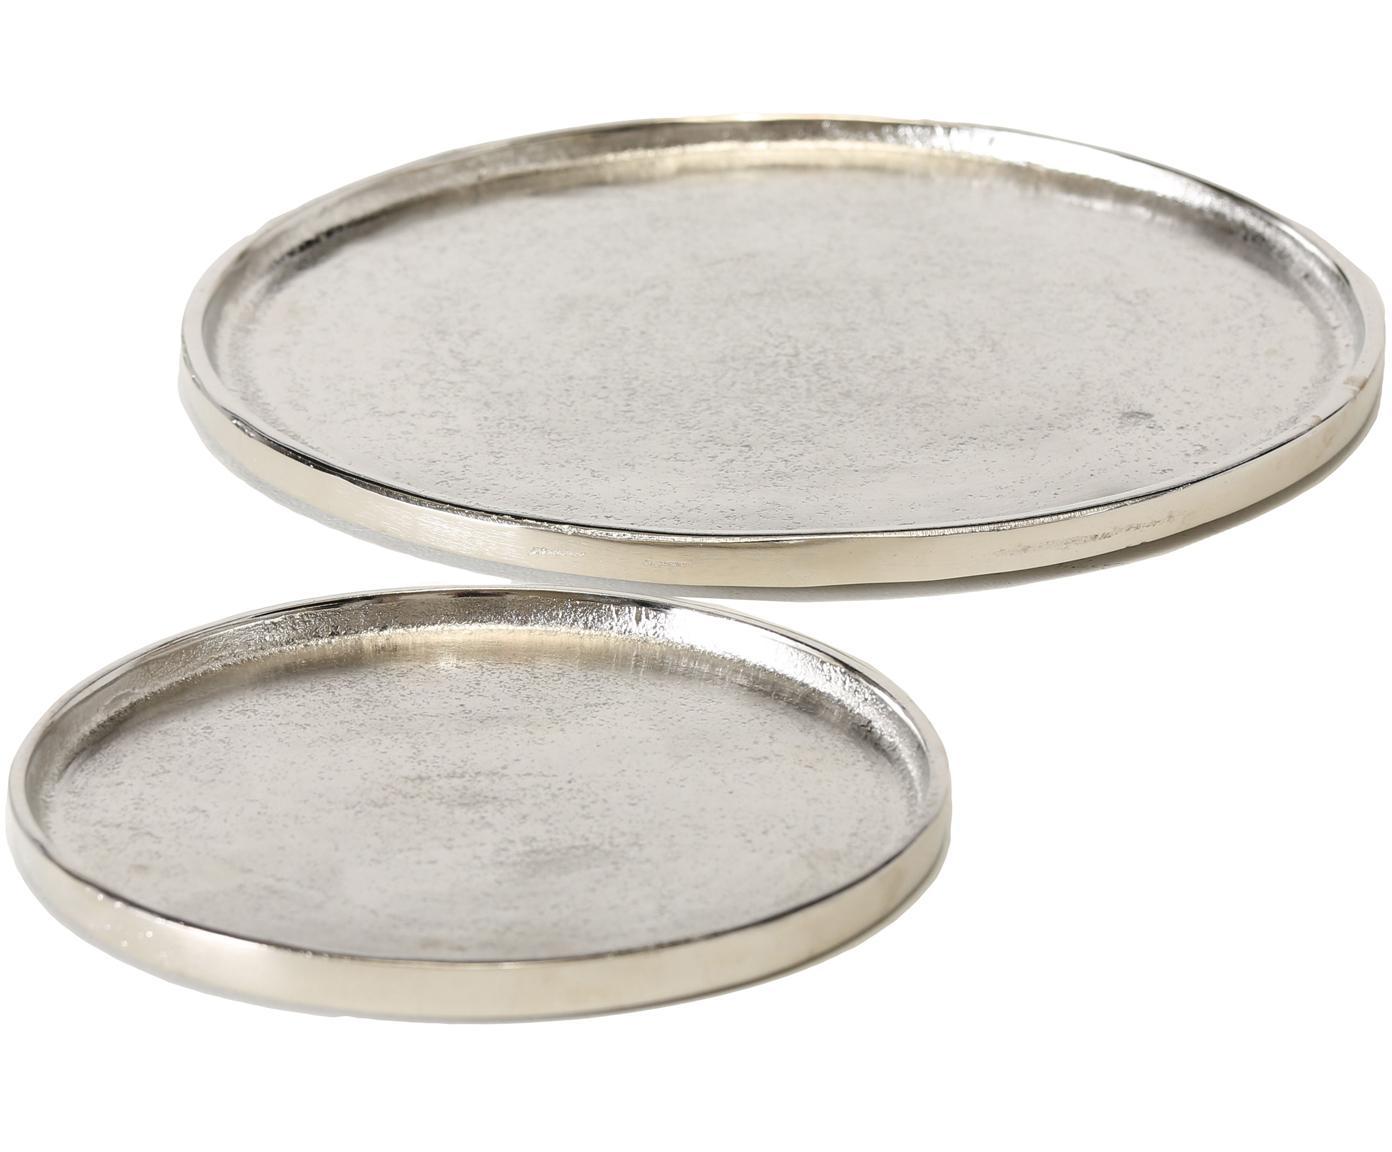 Deko-Tablett-Set Valomi, 2-tlg., Aluminium, Nickelfarben, Sondergrößen